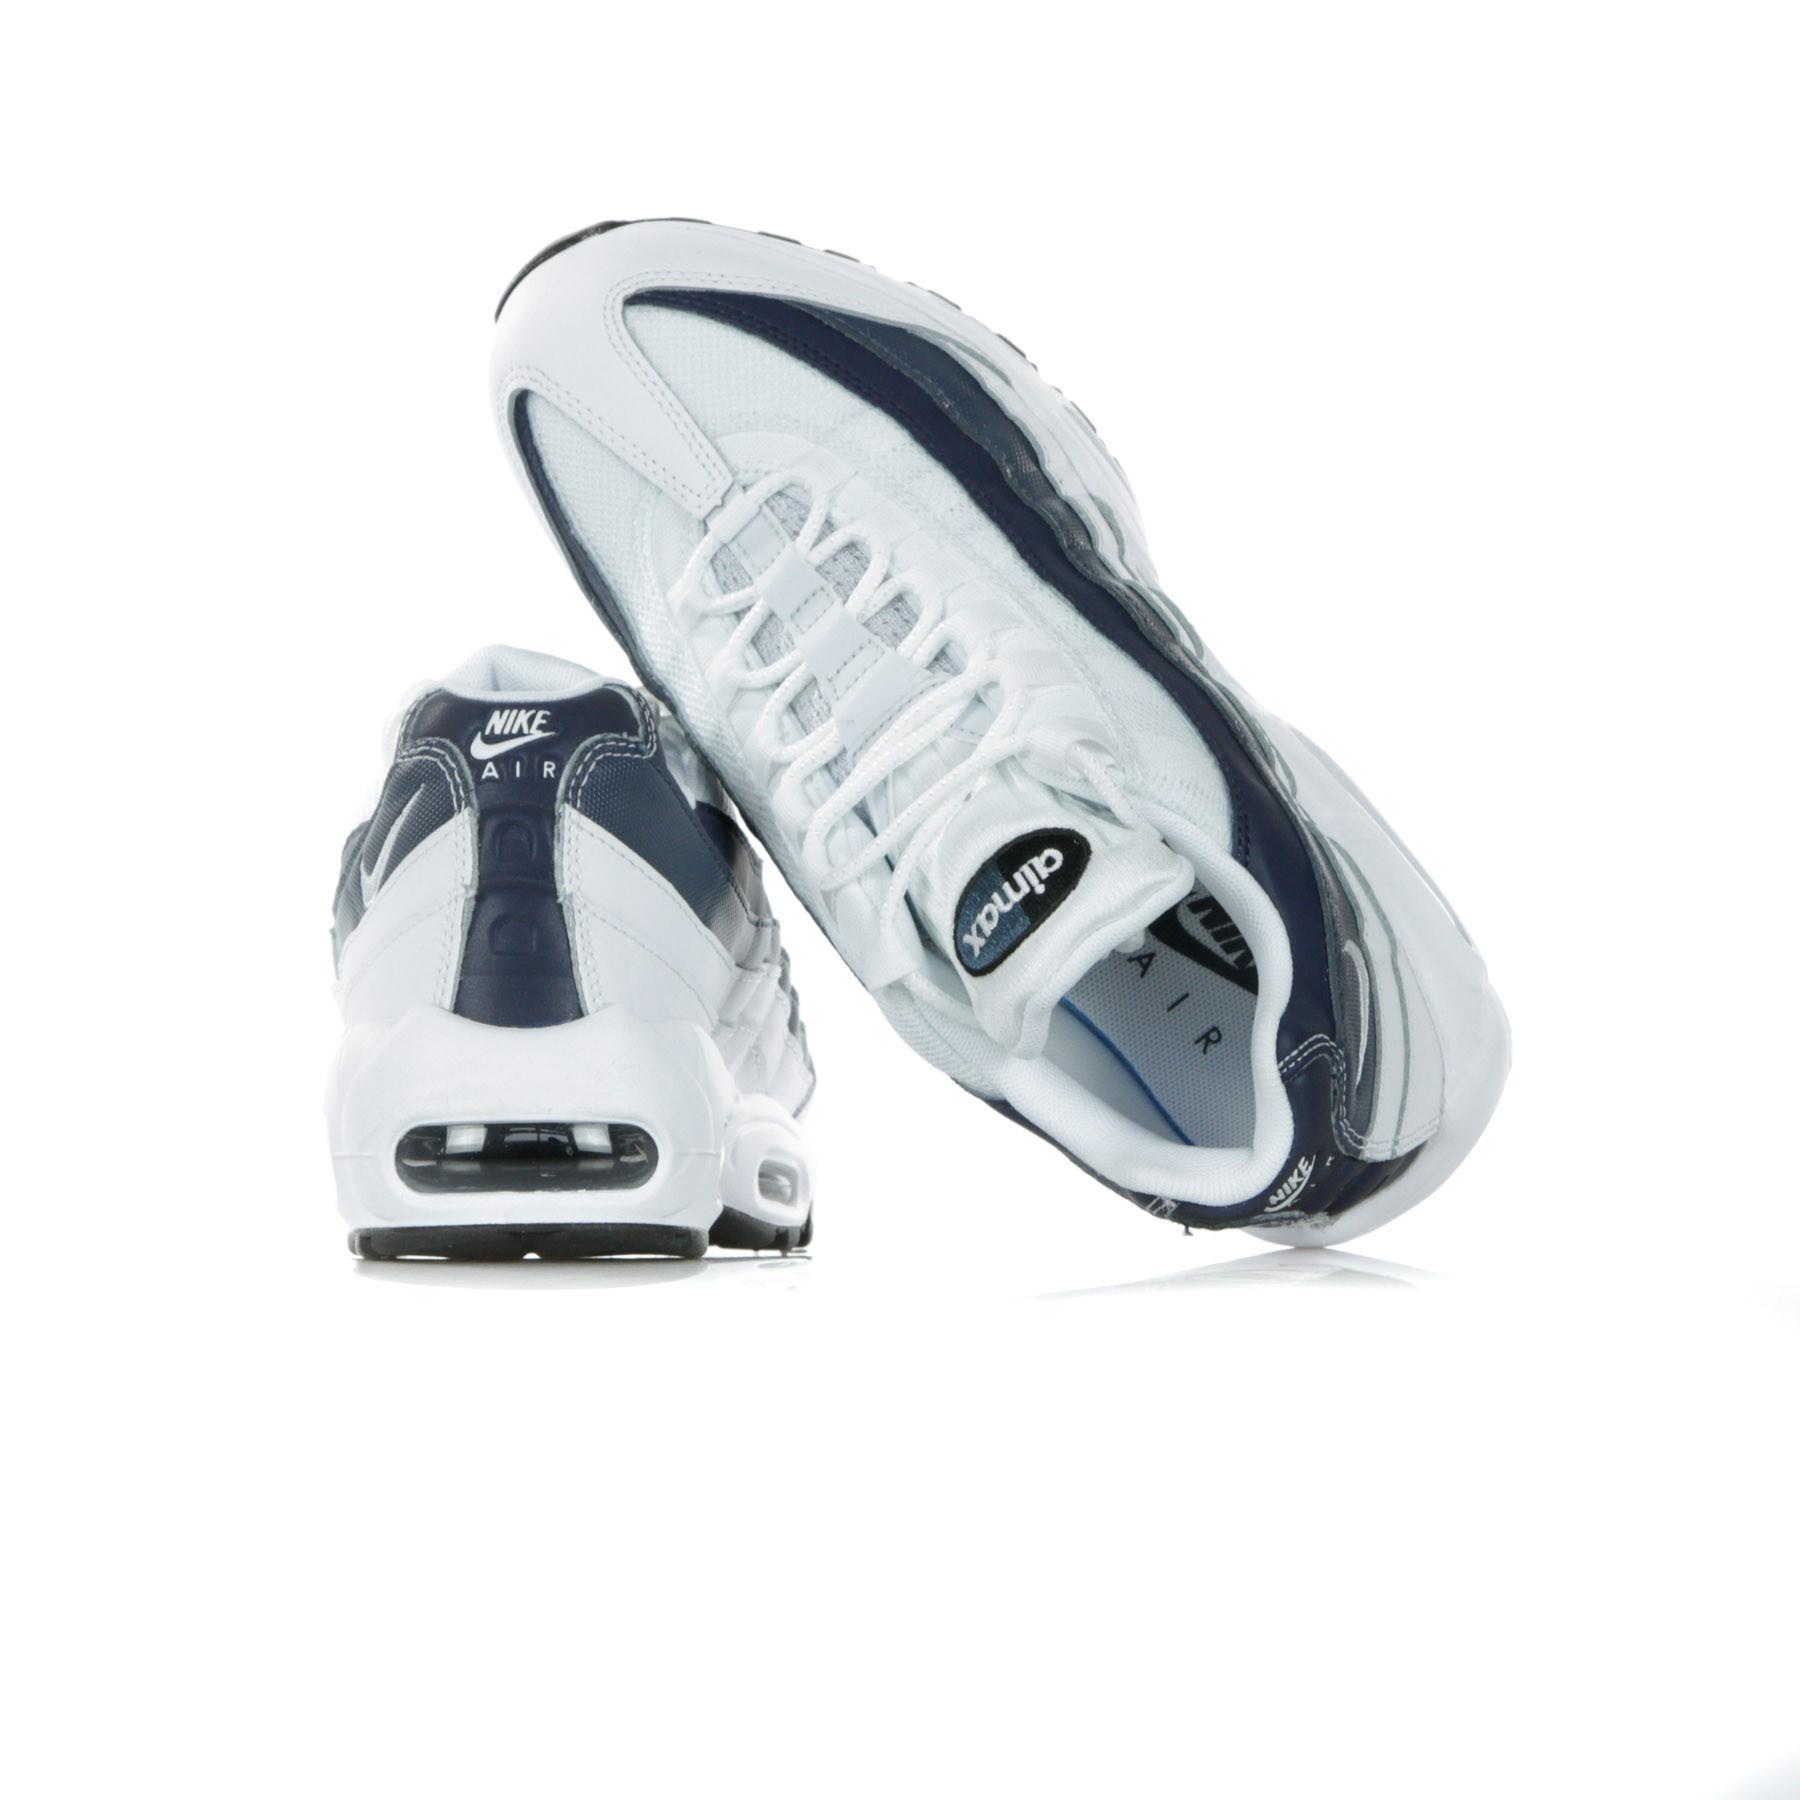 SCARPA BASSA AIR MAX 95 ESSENTIAL WHITE WHITE MIDNIGHT NAVY MONSOON BLUE 06e801d52